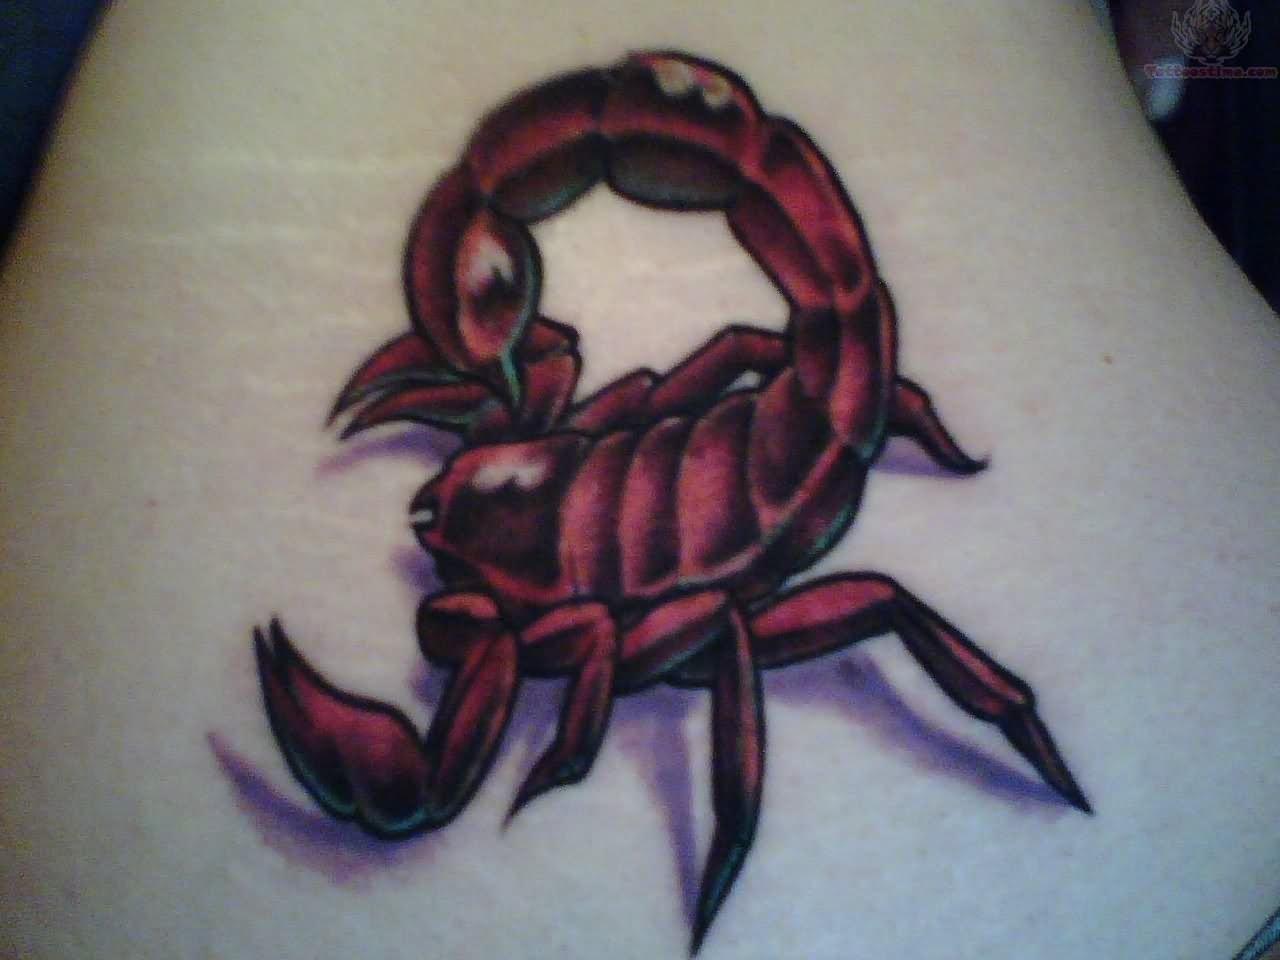 3d scorpion tattoo designs - 3d Traditional Scorpion Tattoo Design